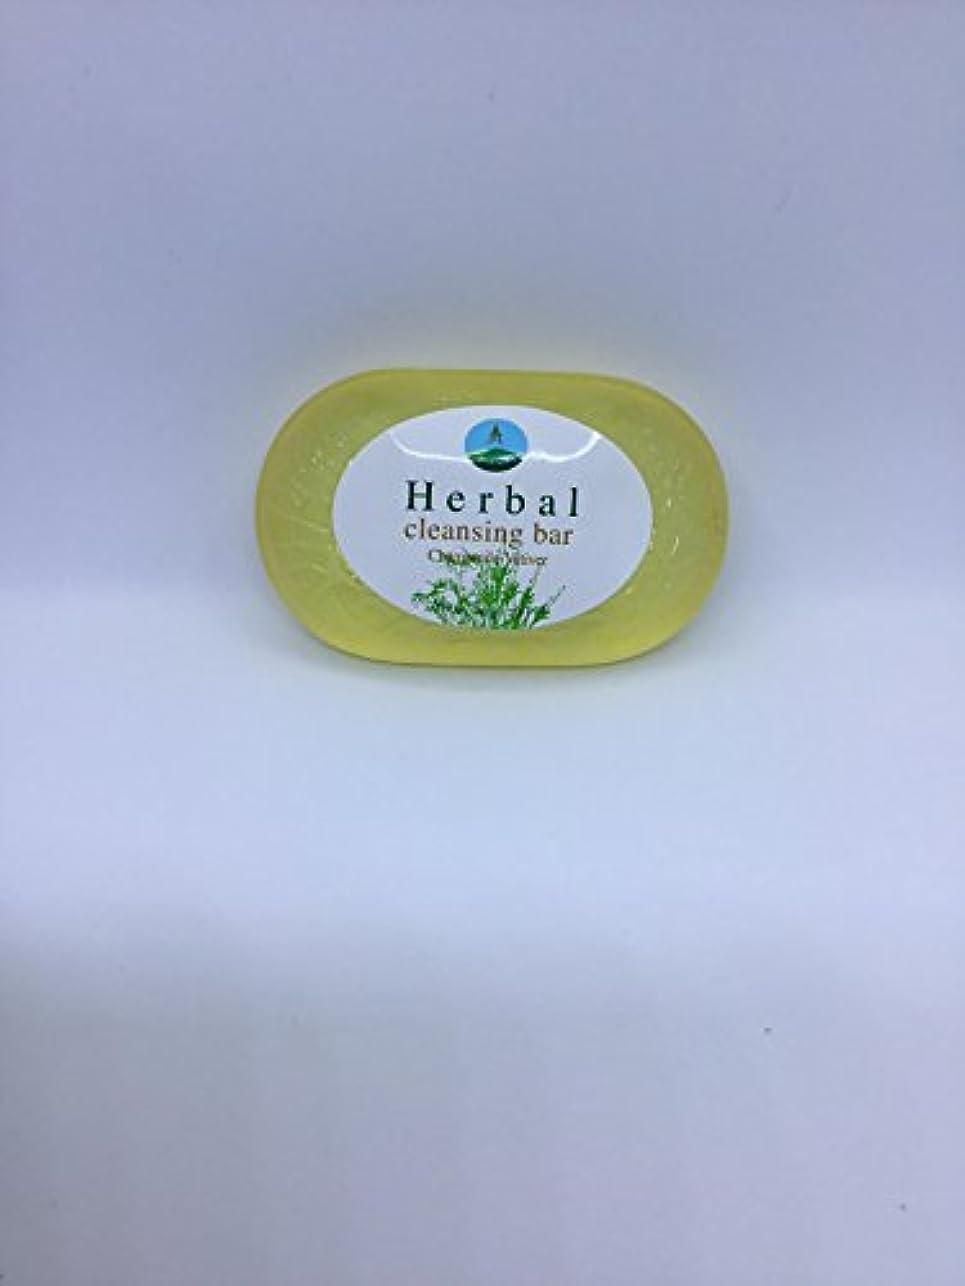 ミケランジェロ記念碑患者Herbal cleansing Bar Chamomile-Vetiver